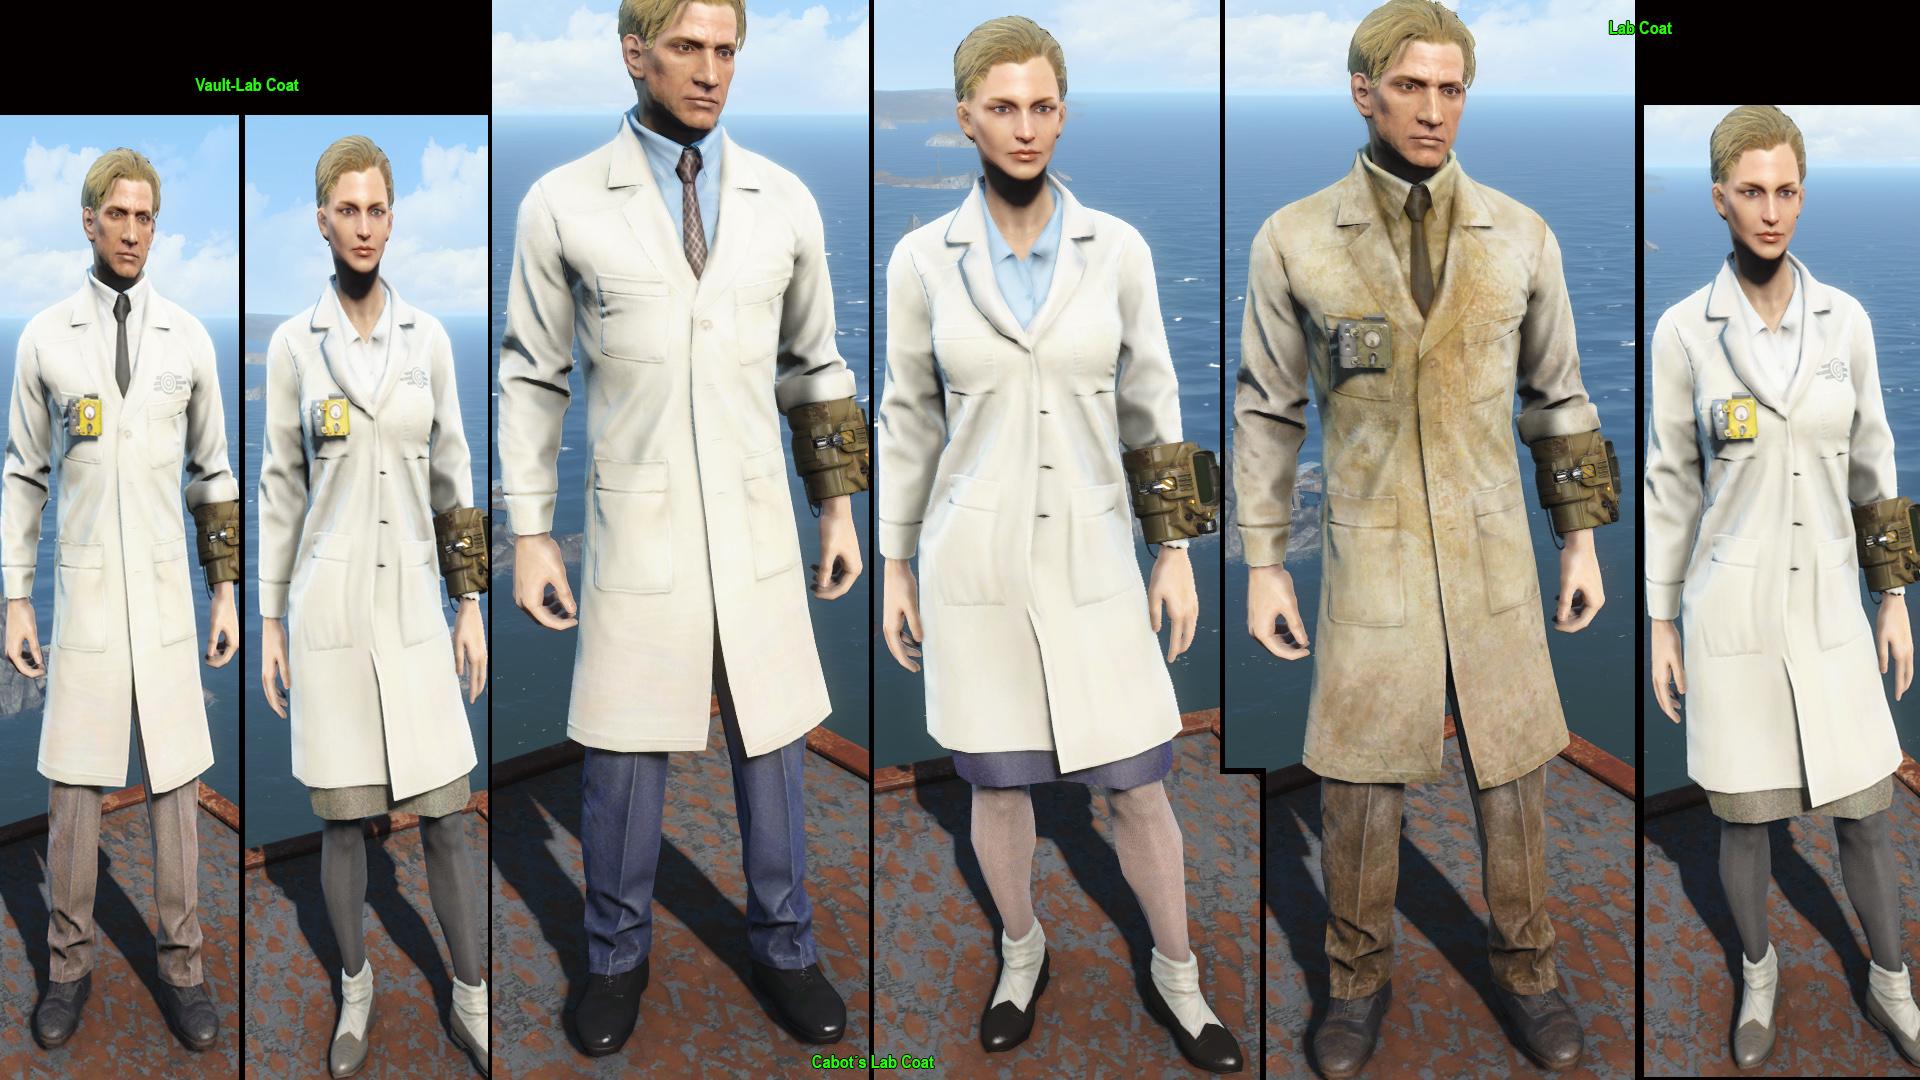 Steam コミュニティ    ガイド    Návod na hru Fallout 4 (časť 3) 9da50ce69d5